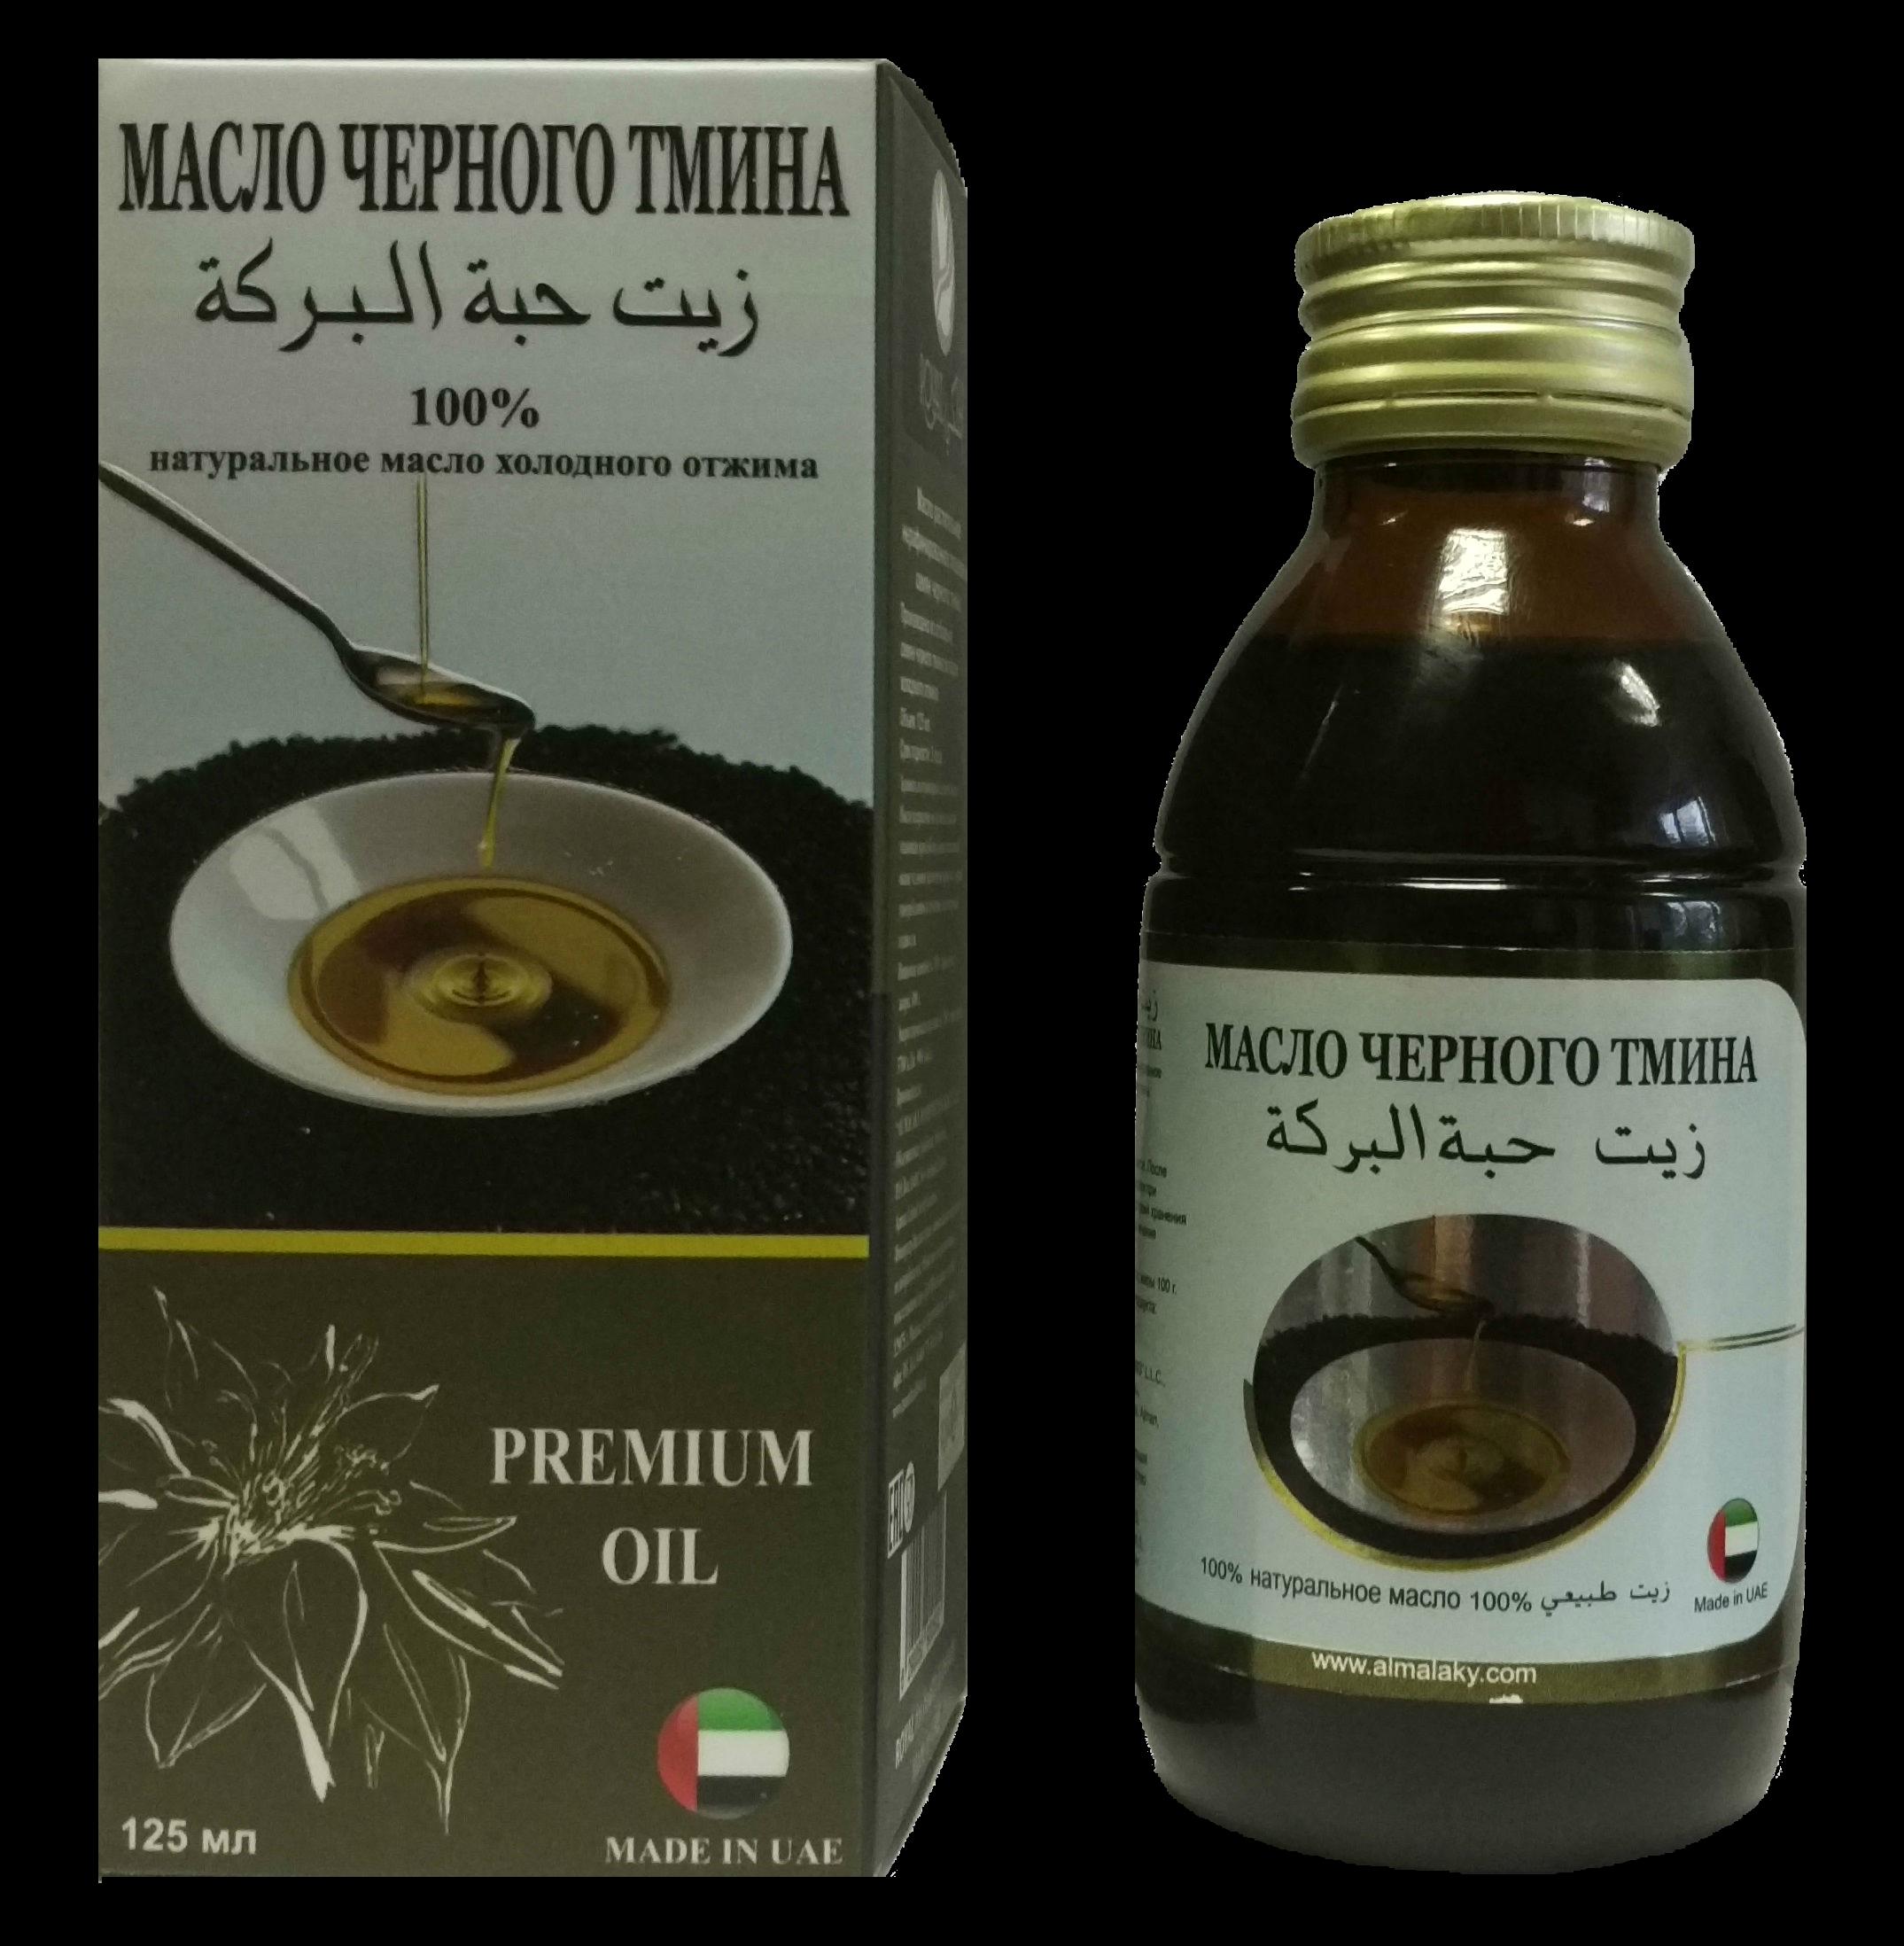 Масло черного тмина Image